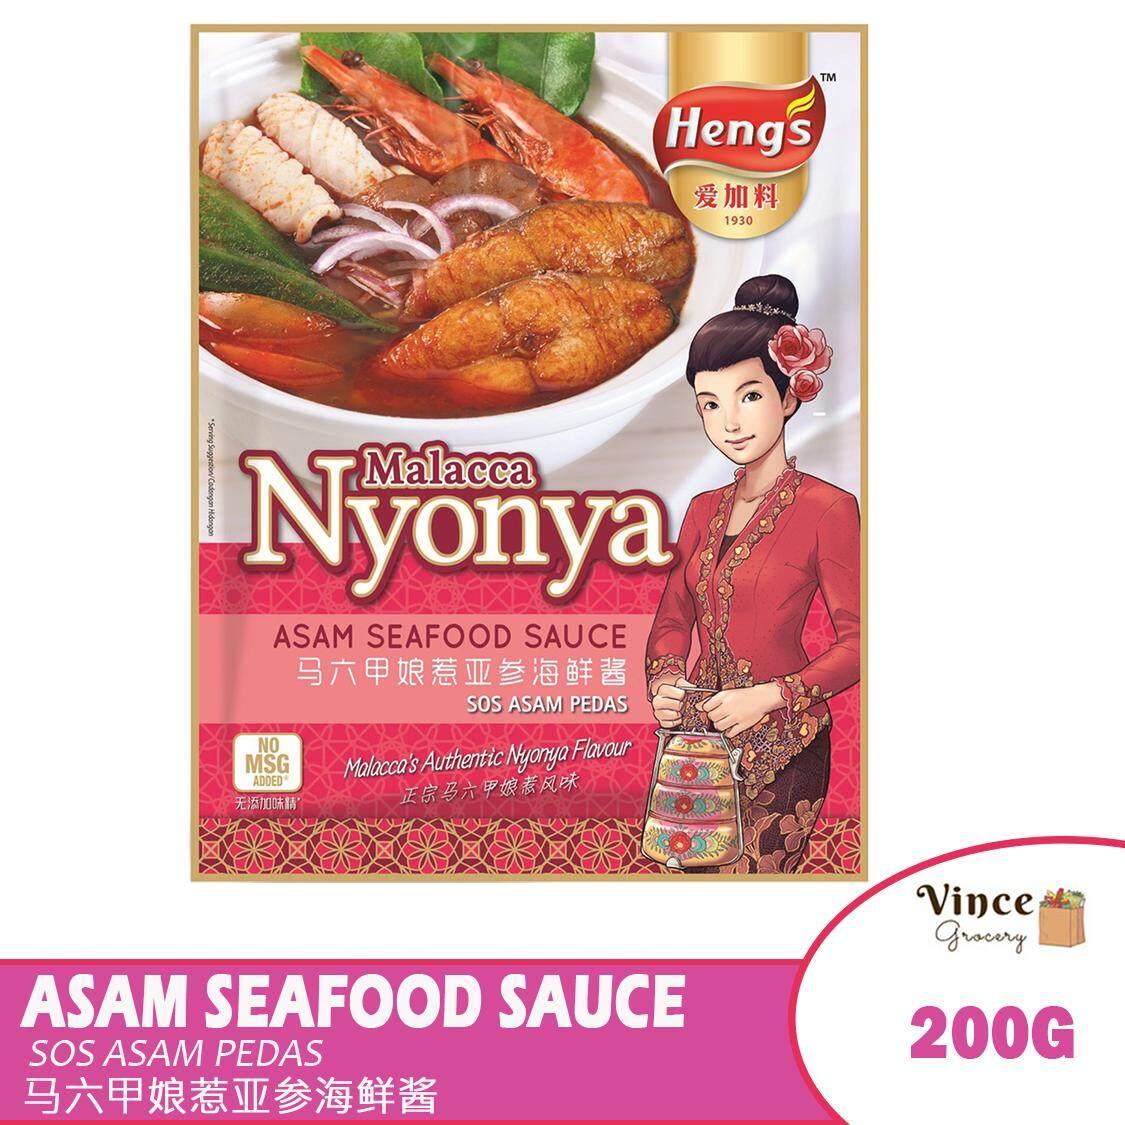 HENG'S Malacca Nyonya Asam Seafood Sauce  Sos Asam Pedas  爱加料马六甲娘惹亚参海鲜酱 200G